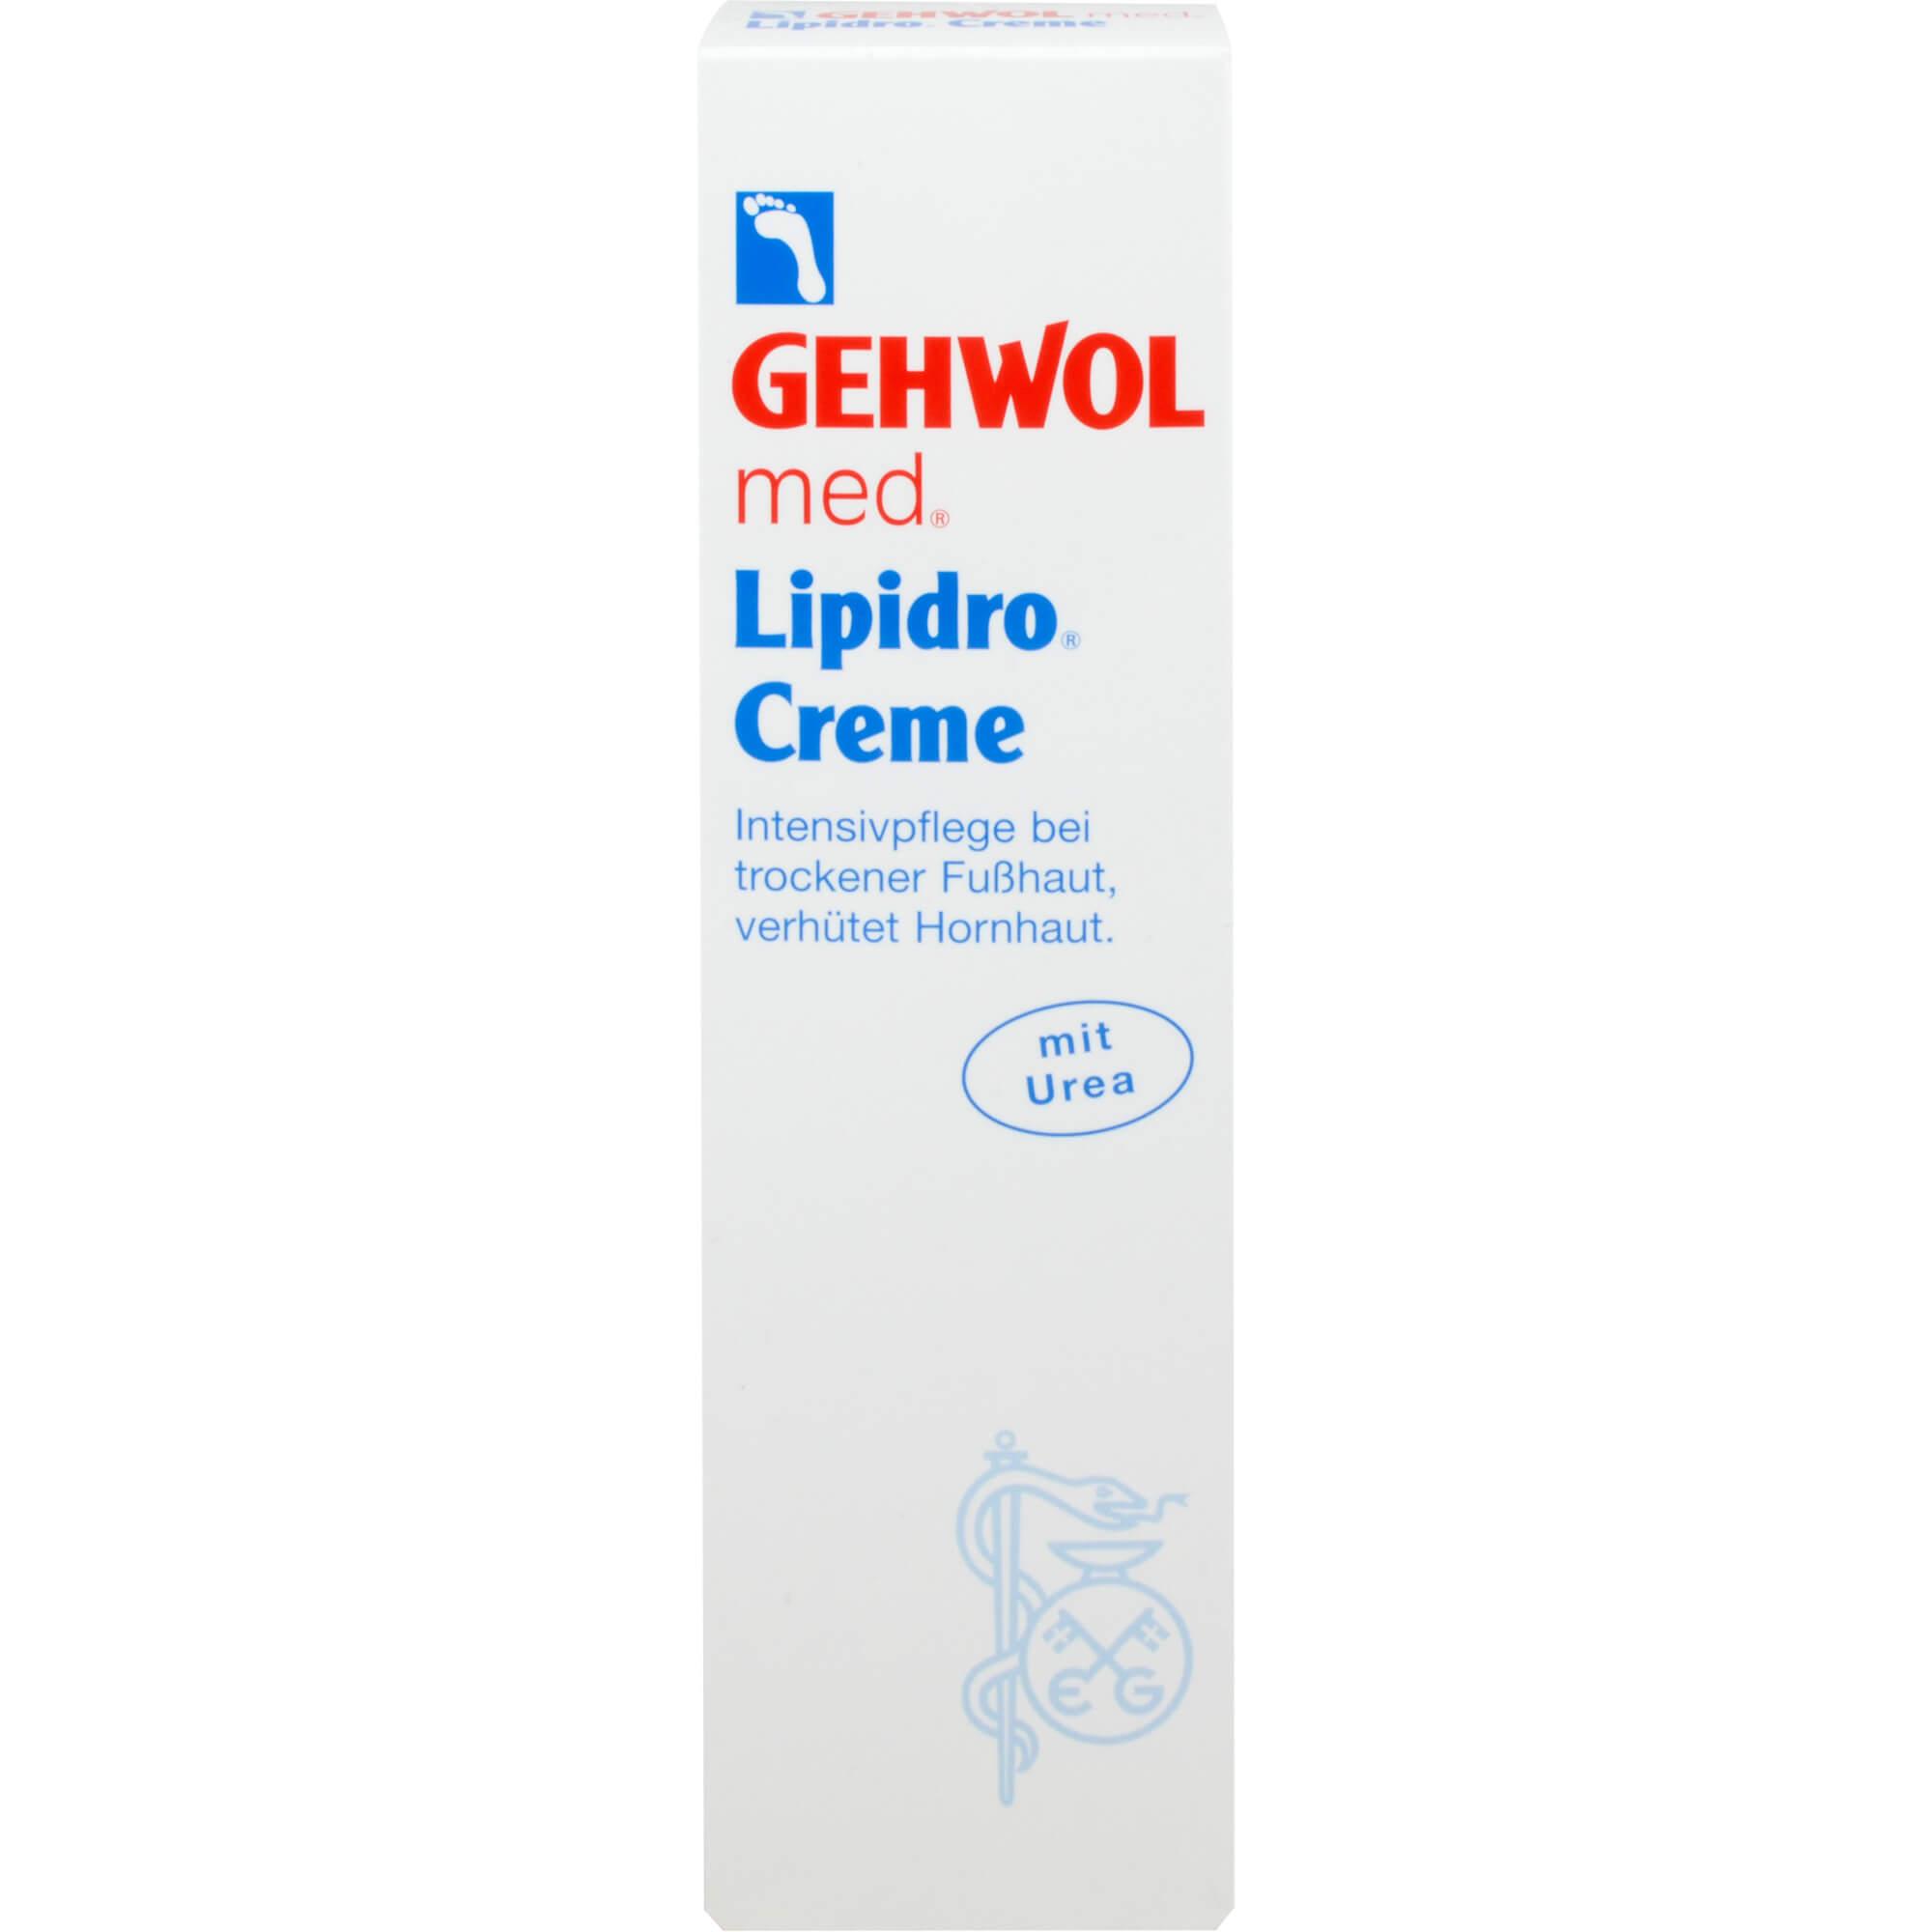 GEHWOL-MED-Lipidro-Creme